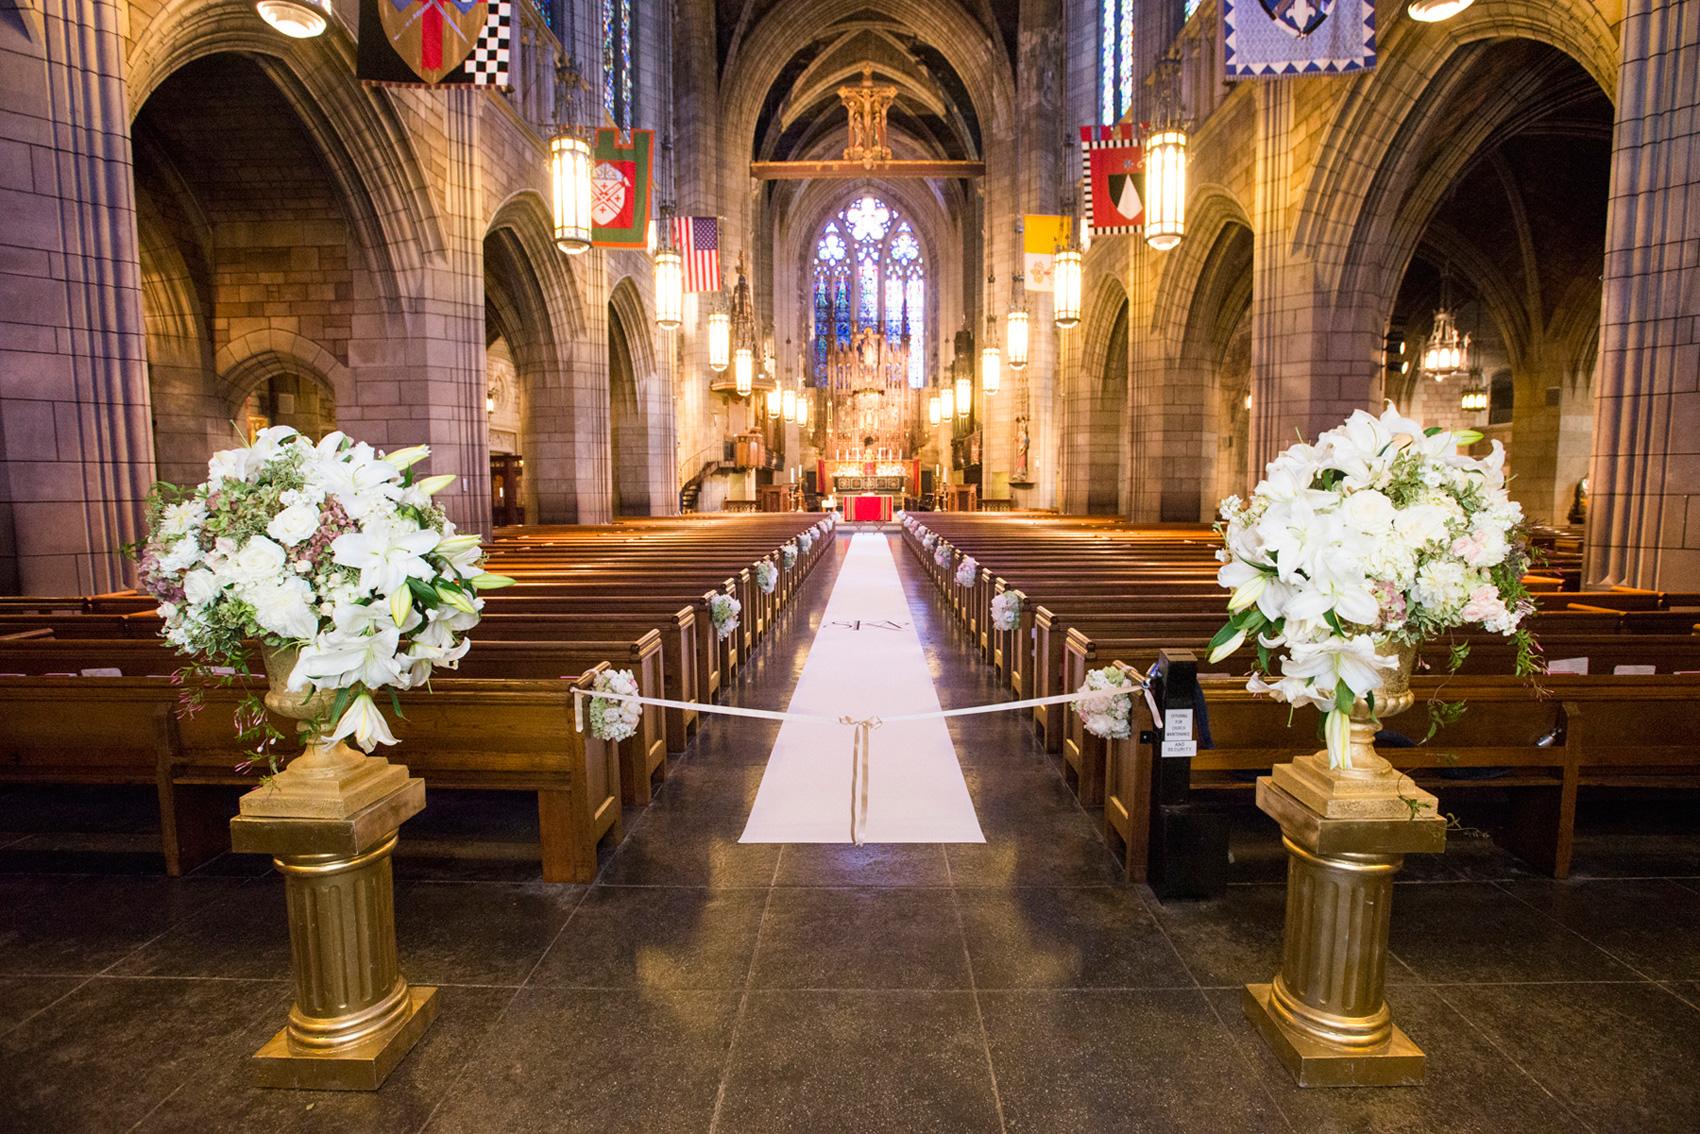 Wedding Ceremony Ideas 13 Decor Ideas For A Church